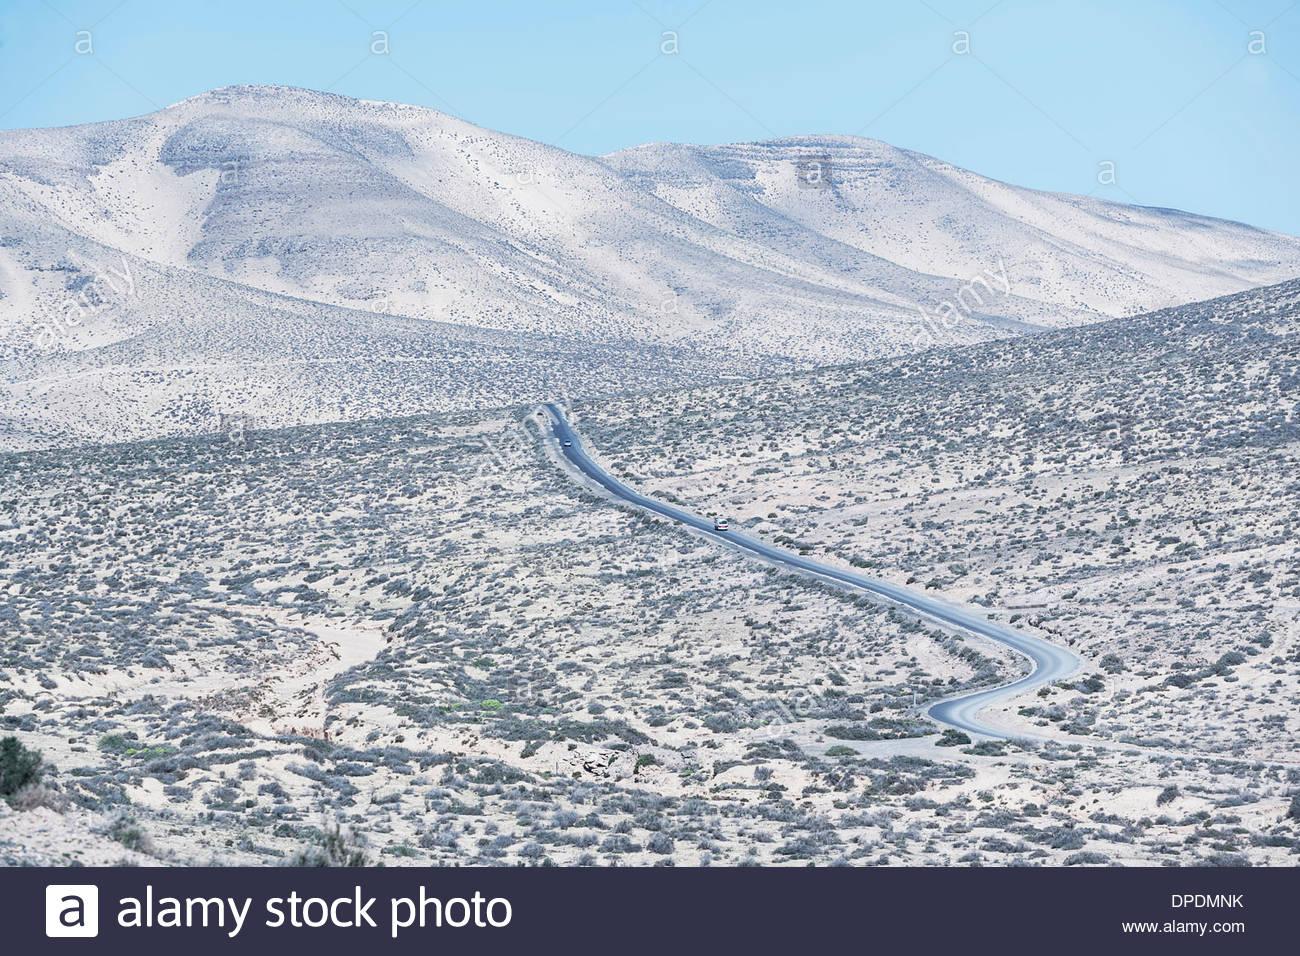 Straße schlängelt sich durch Fuerteventura Landschaft, Kanarische Inseln, Spanien Stockbild